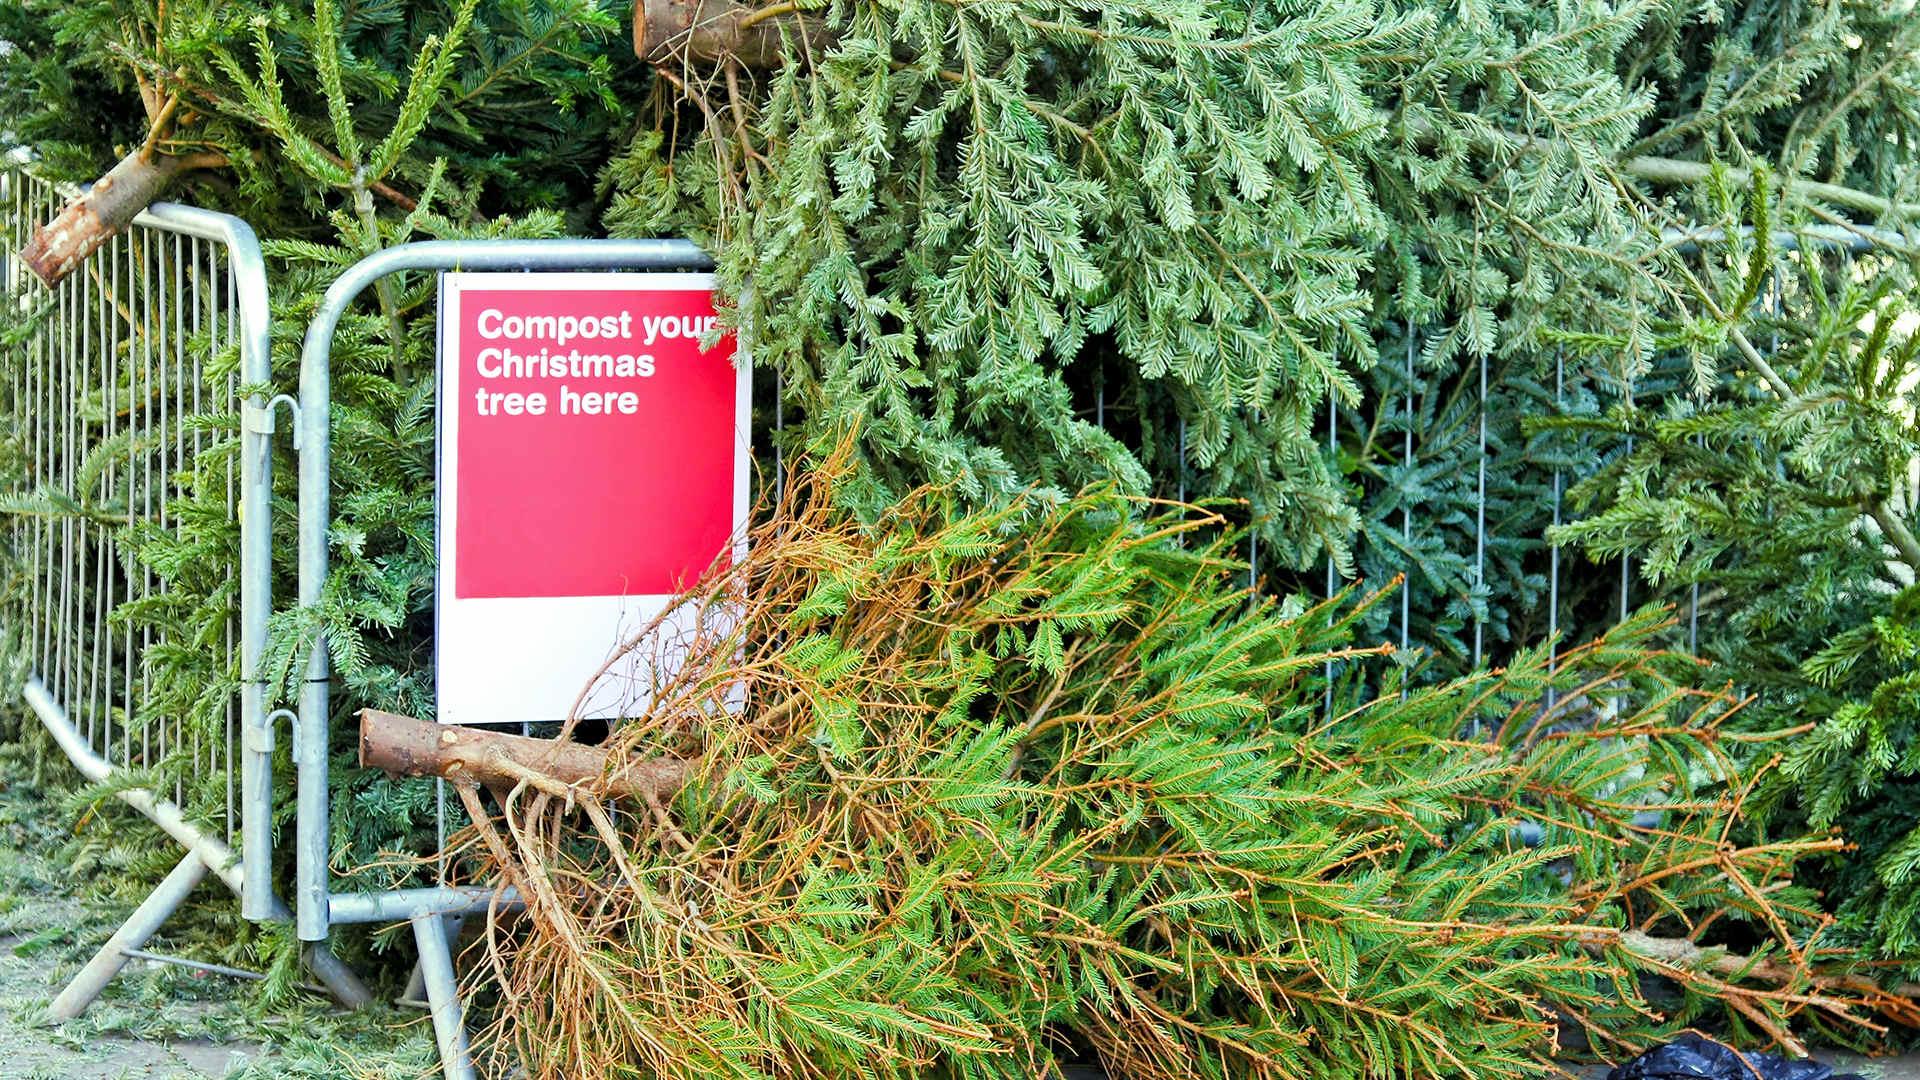 Was ist die Alternative zu diesen weggeworfenen Weihnachtsbäumen?